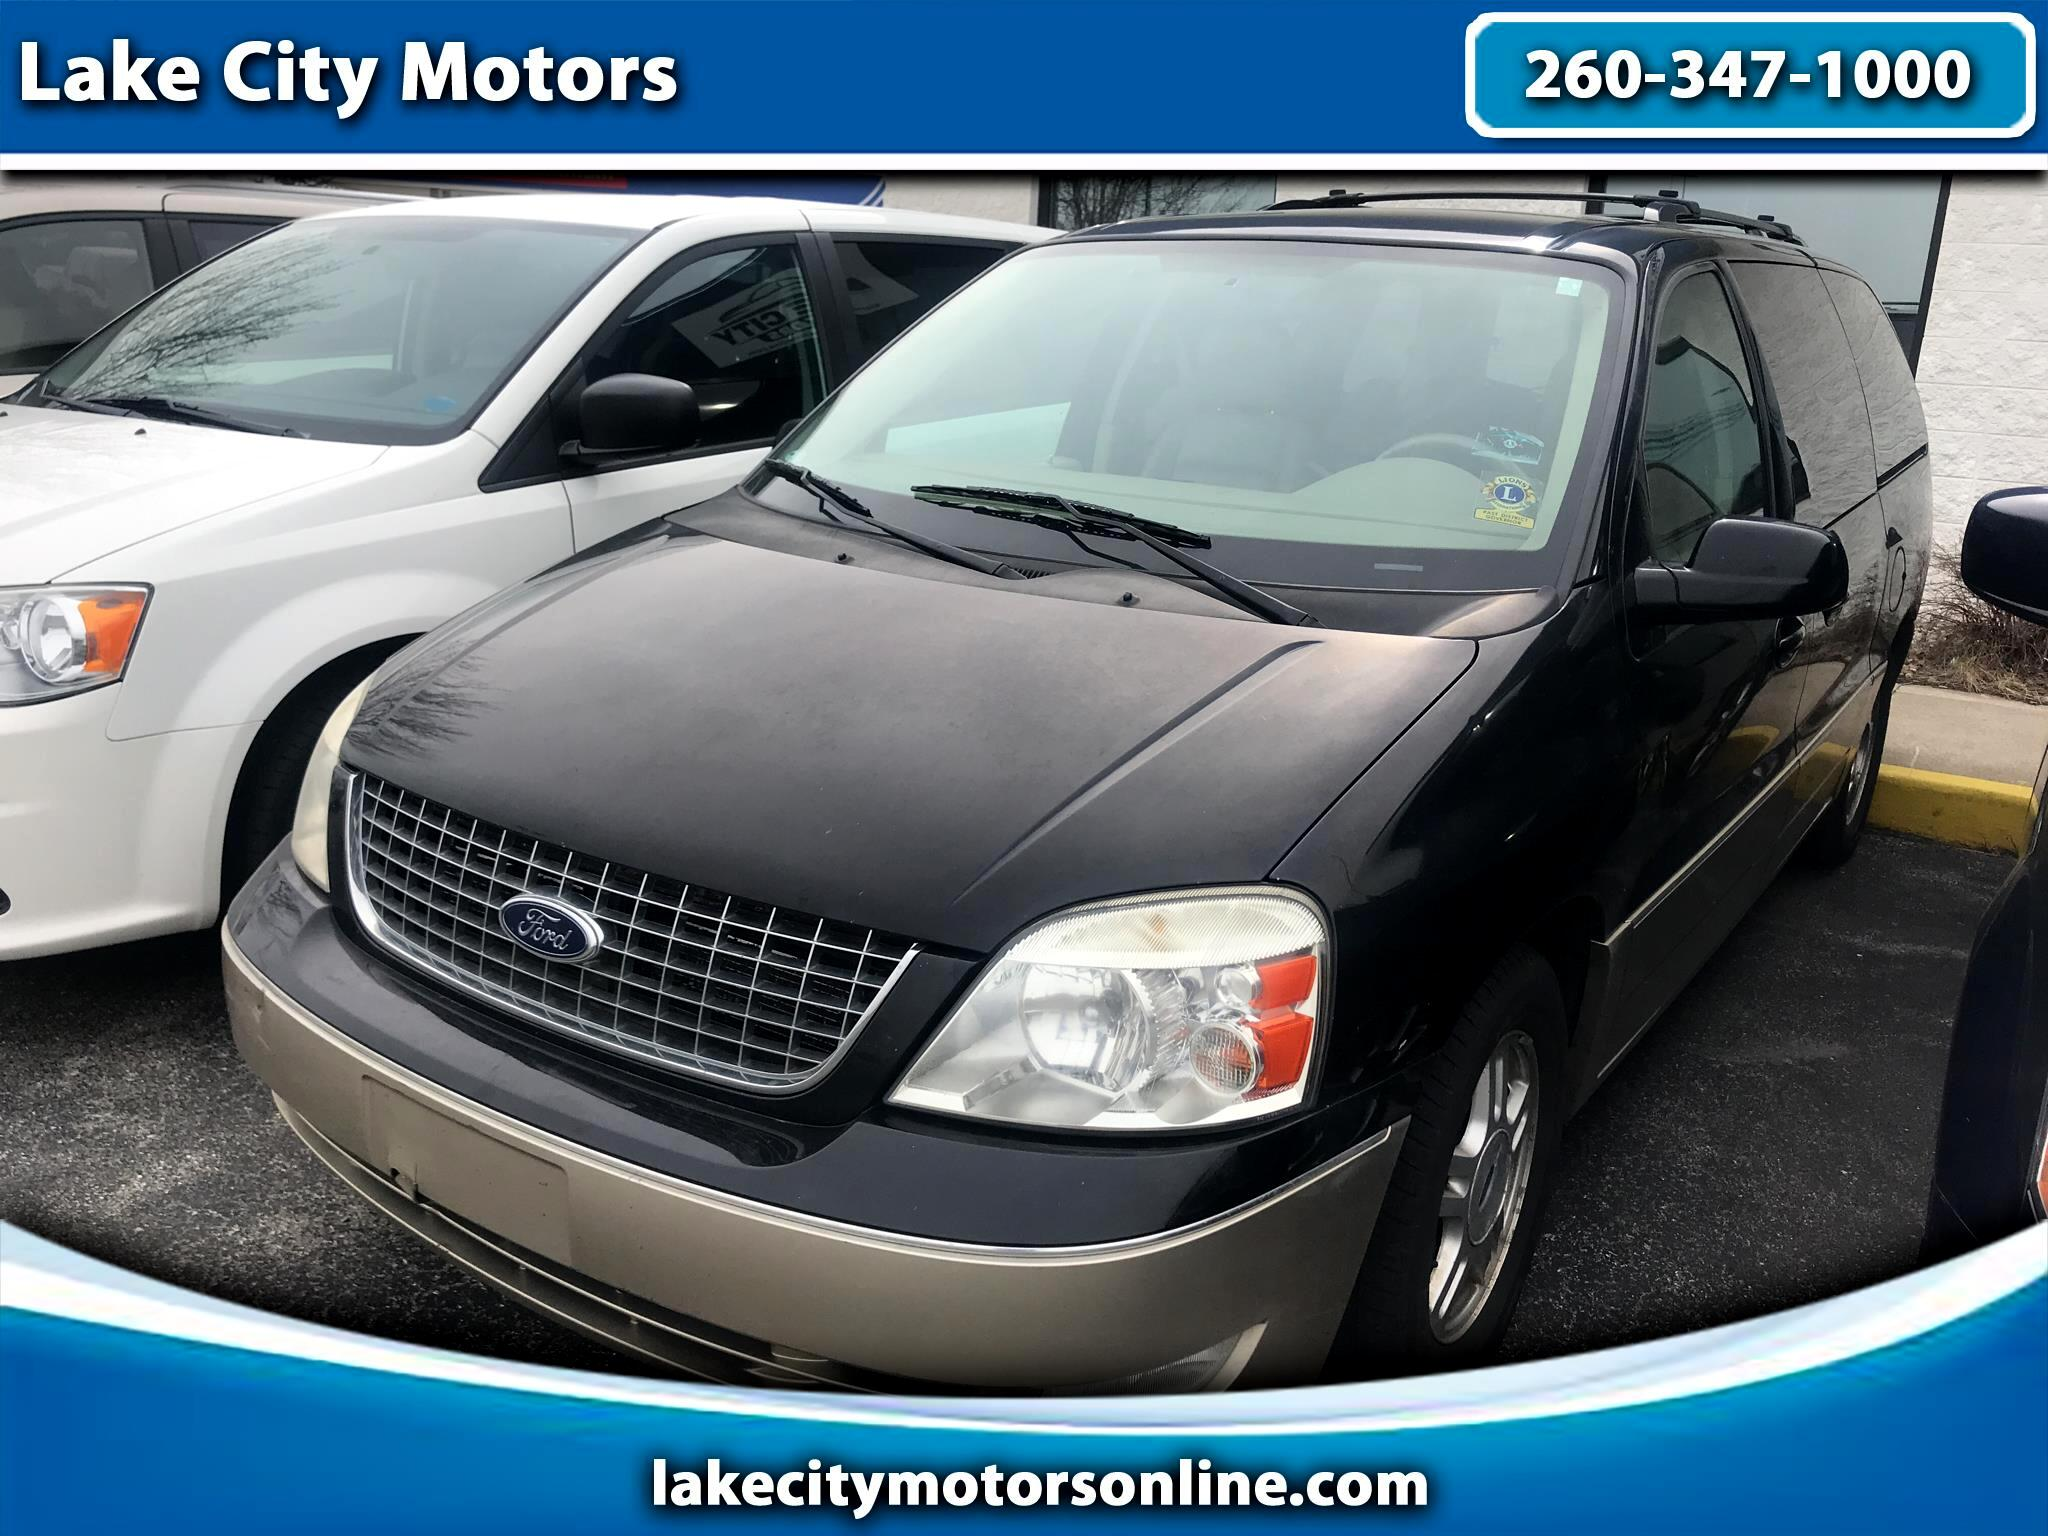 2004 Ford Freestar Wagon 4dr Limited